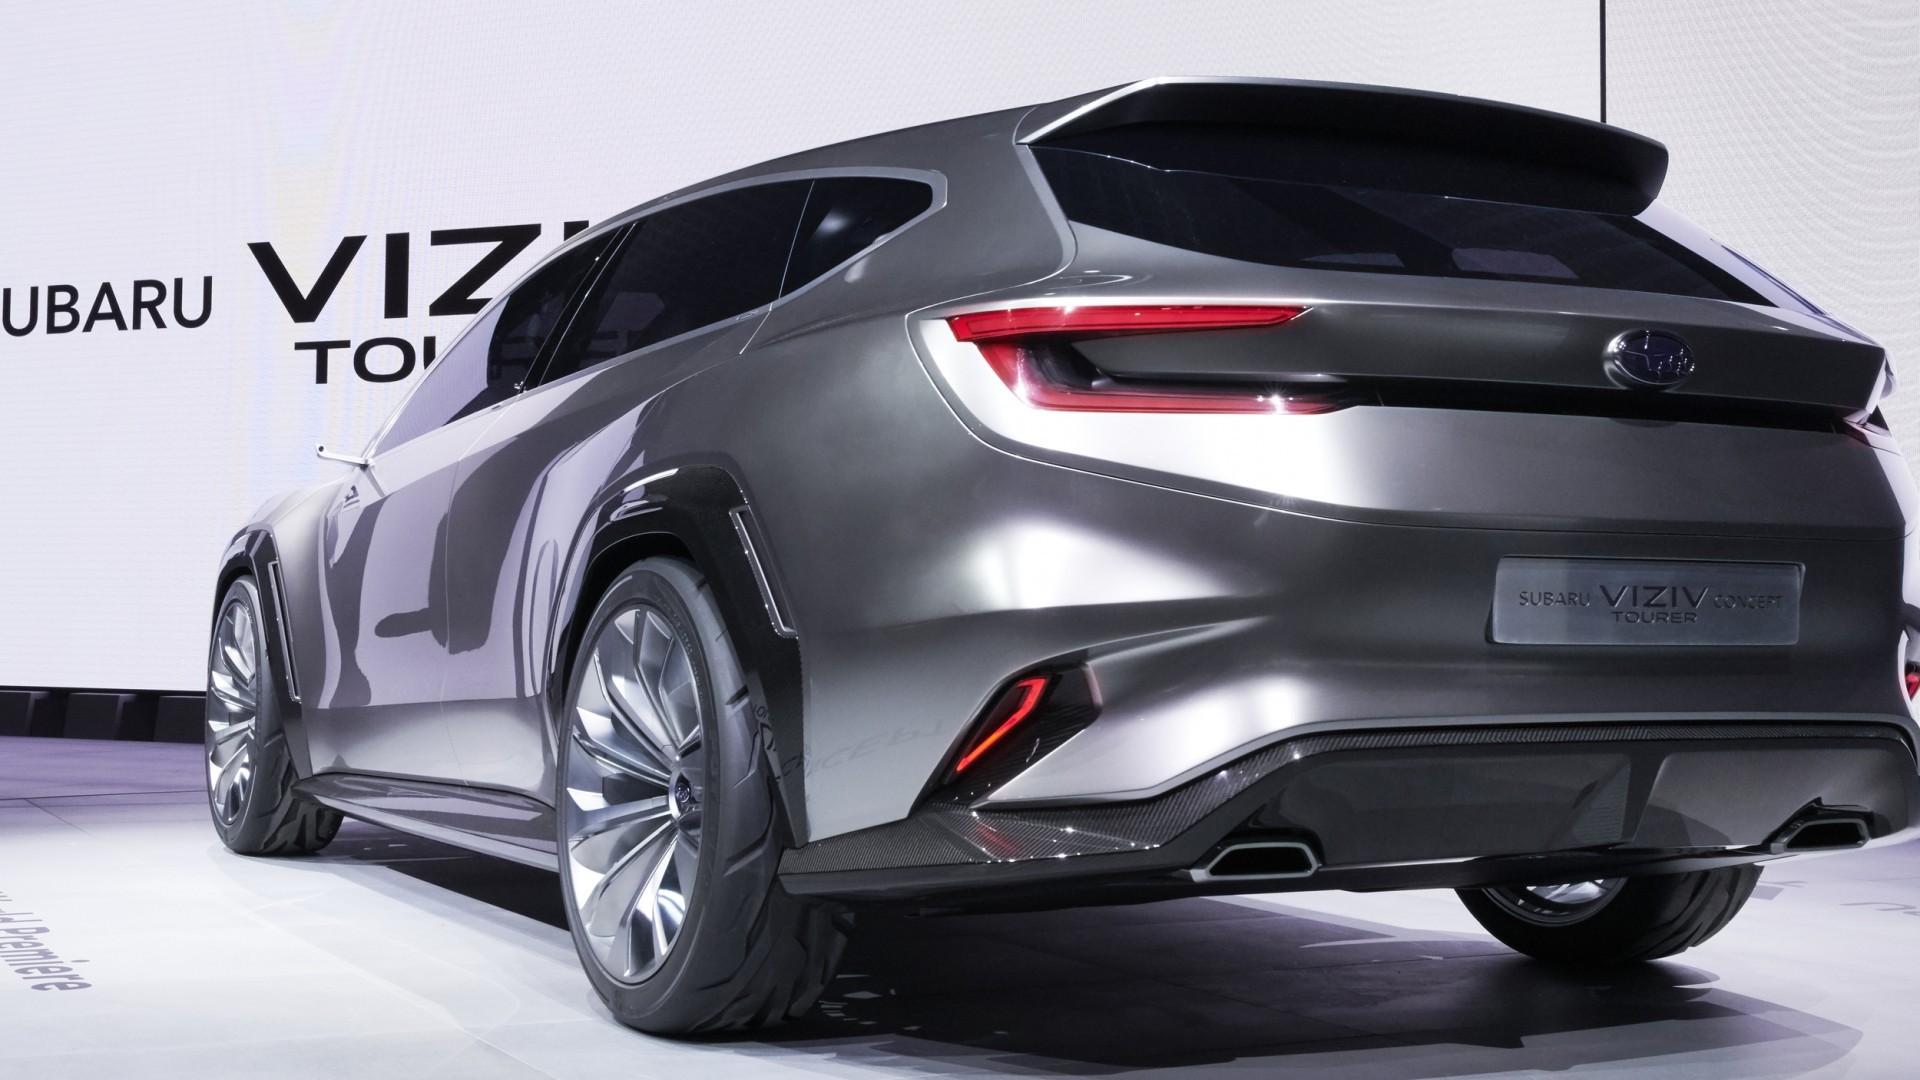 Subaru Viziv Tourer Concept (3)